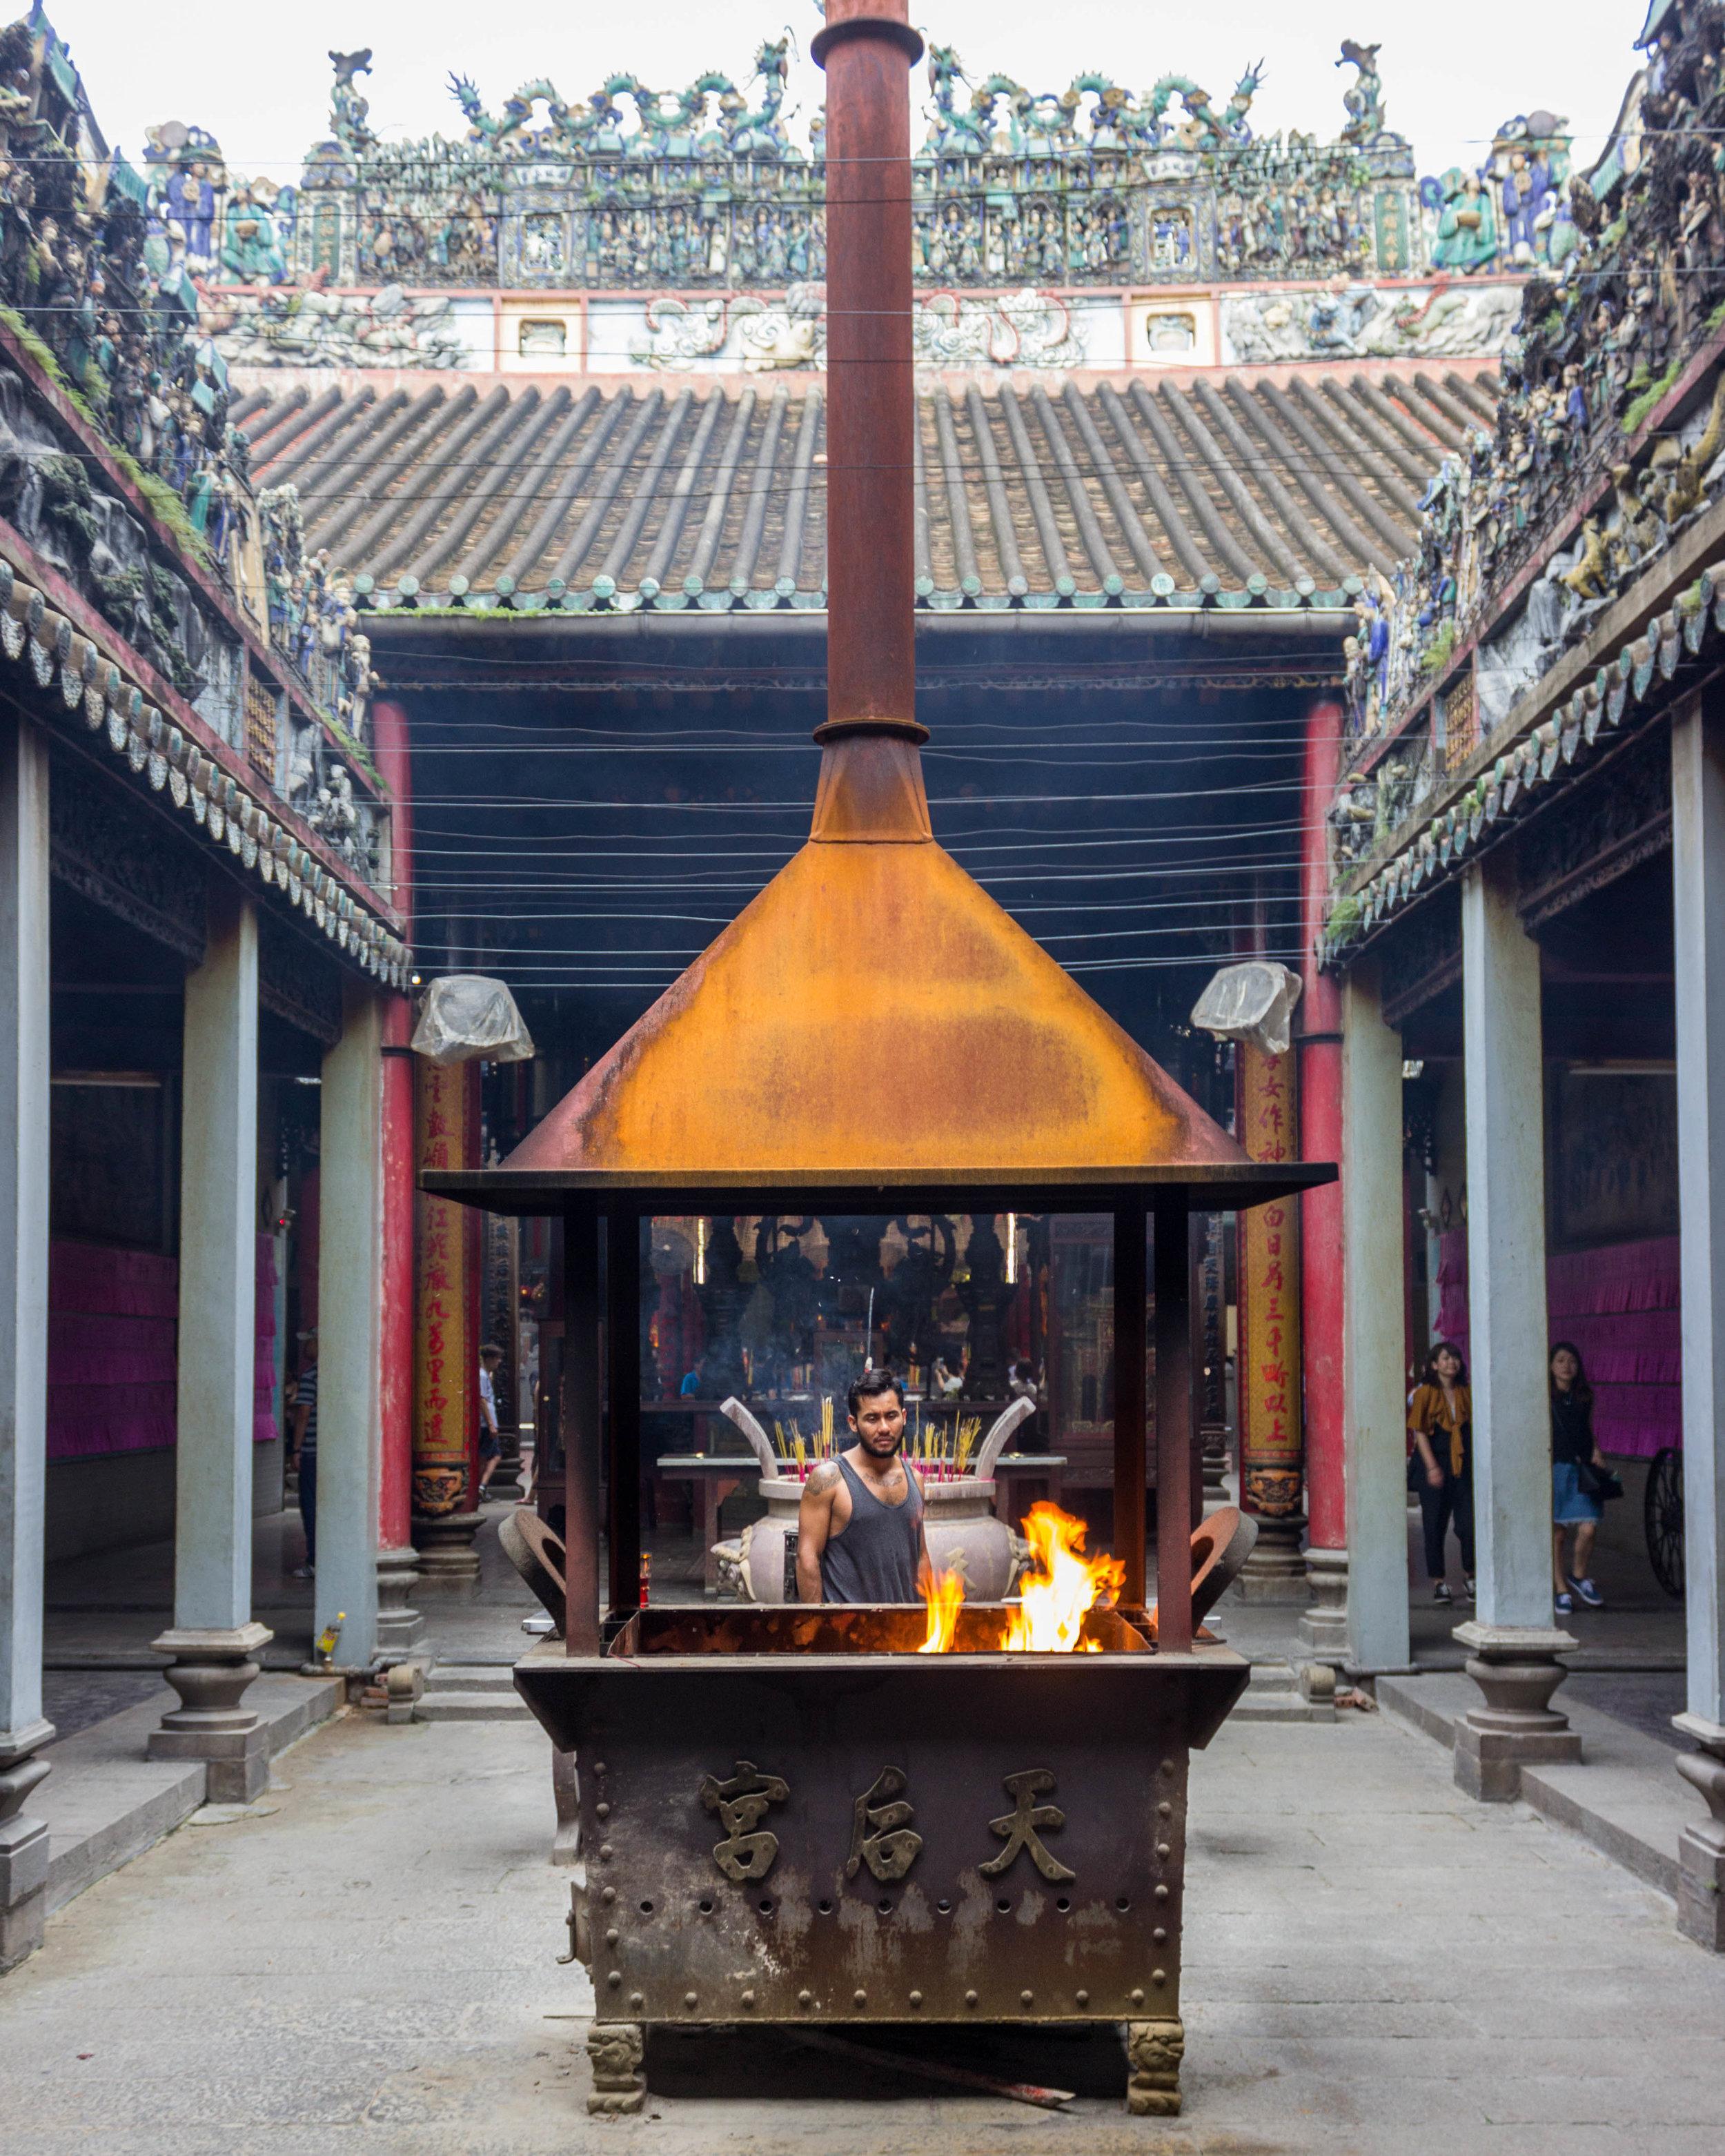 The Nghia An Hoi Quan Temple